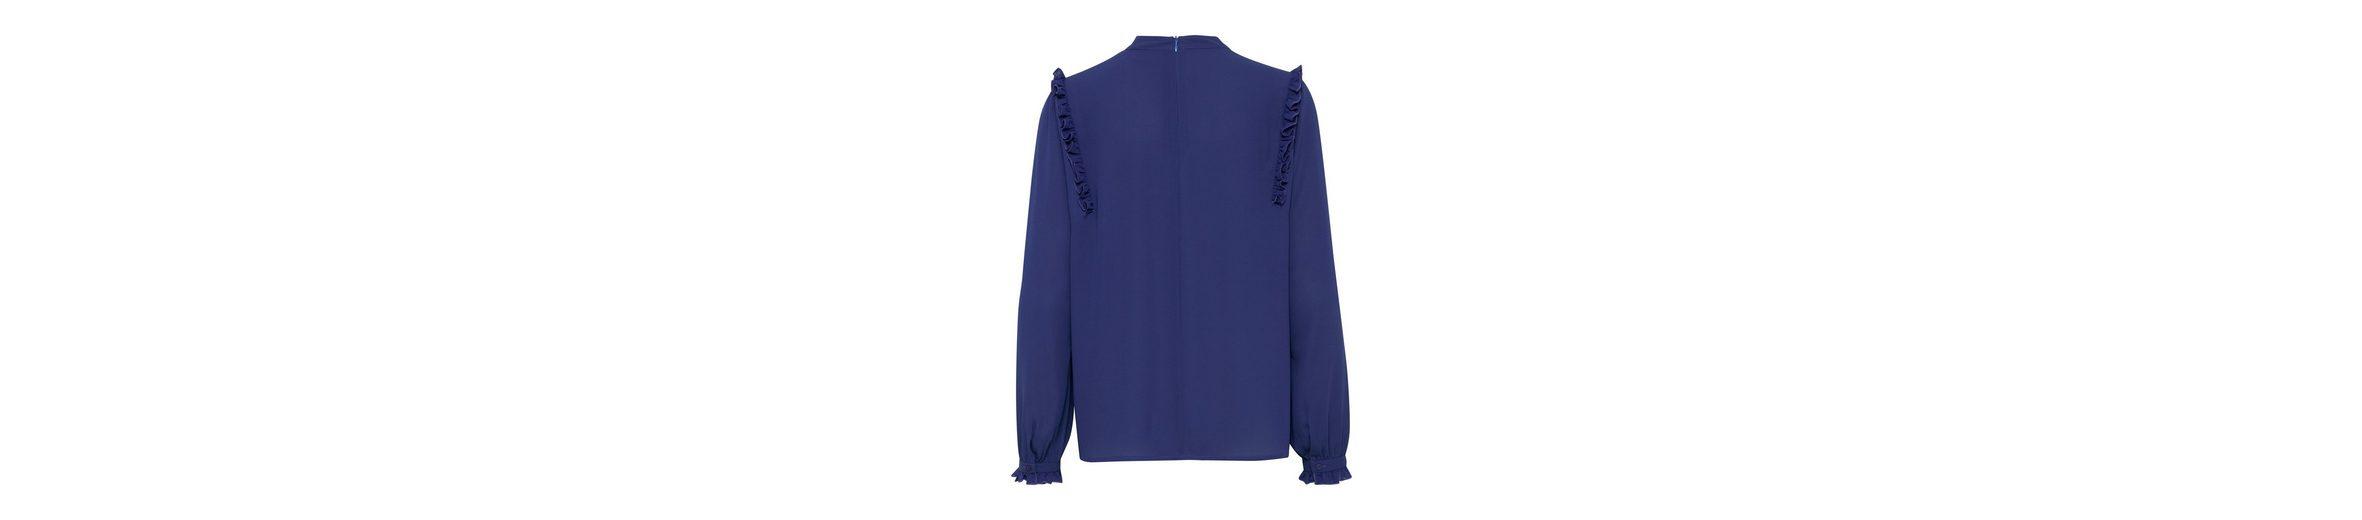 Neueste Online Rabatt Exklusiv b.young Shirtbluse Fae Online Wie Vielen Verkauf Guenstige Lh0Bn